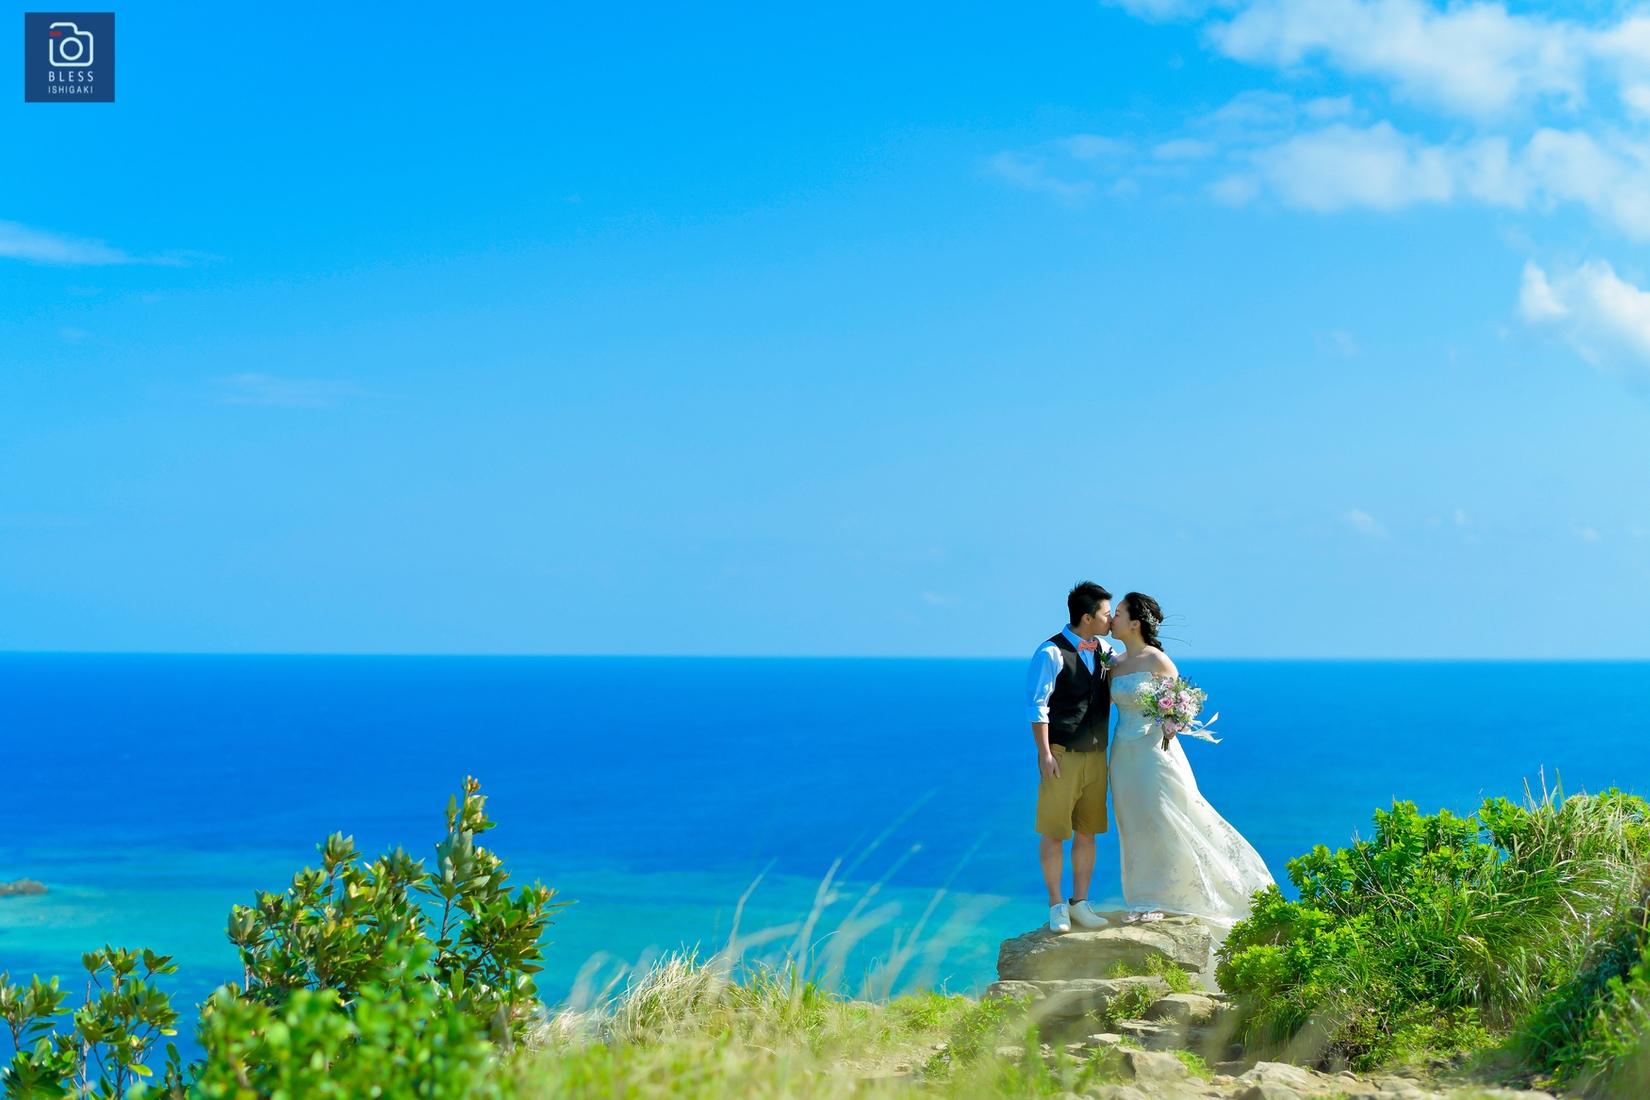 【お客様レポ#5】平久保崎灯台やサトウキビ畑で撮影♡Y&M様の石垣北部ツアー